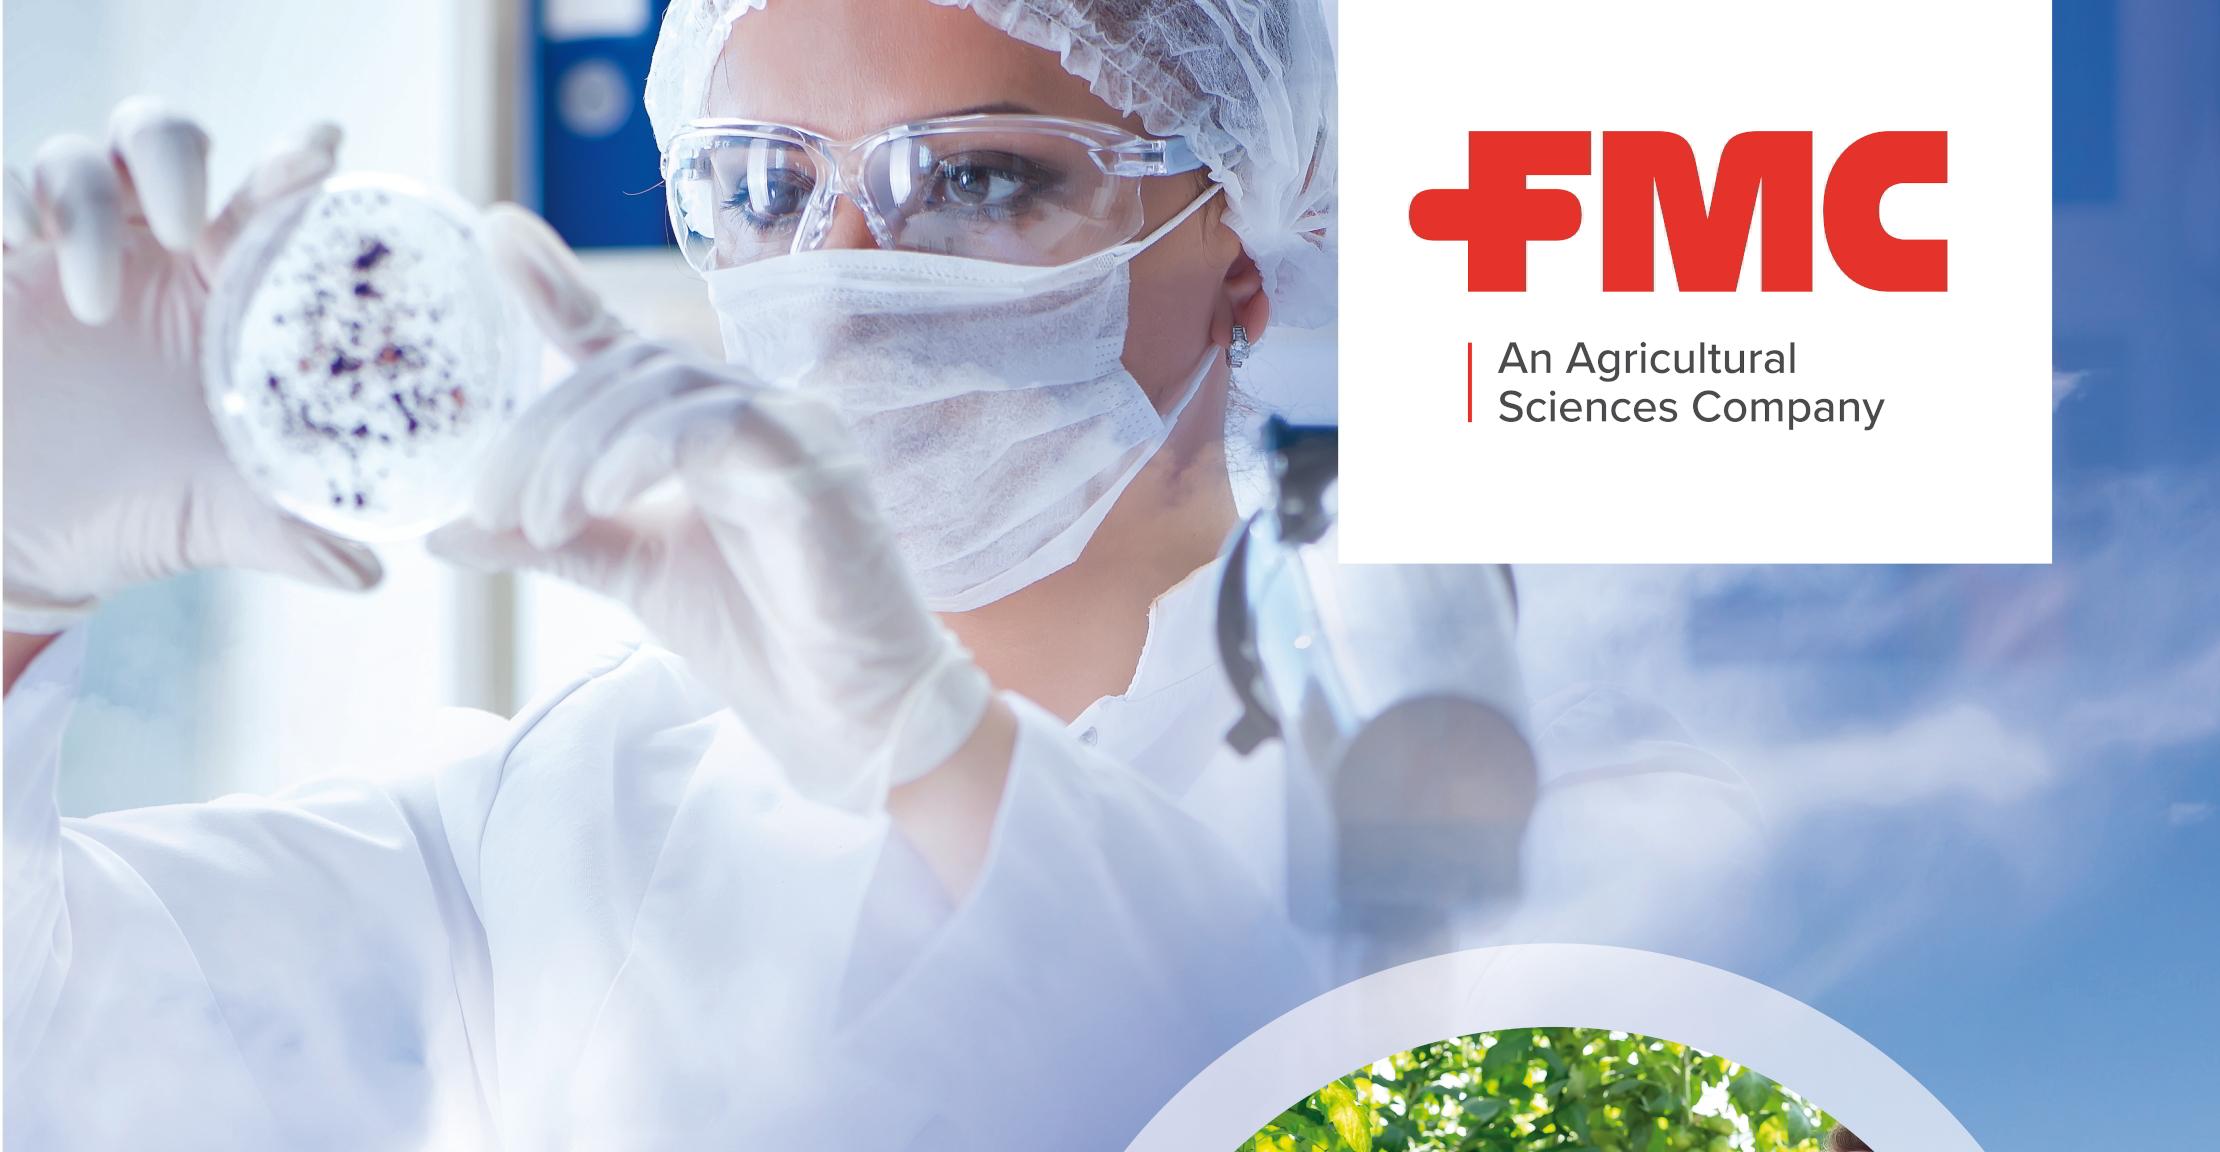 Curso de especialista en herramientas de gestión y fertirrigación para una agricultura sostenible